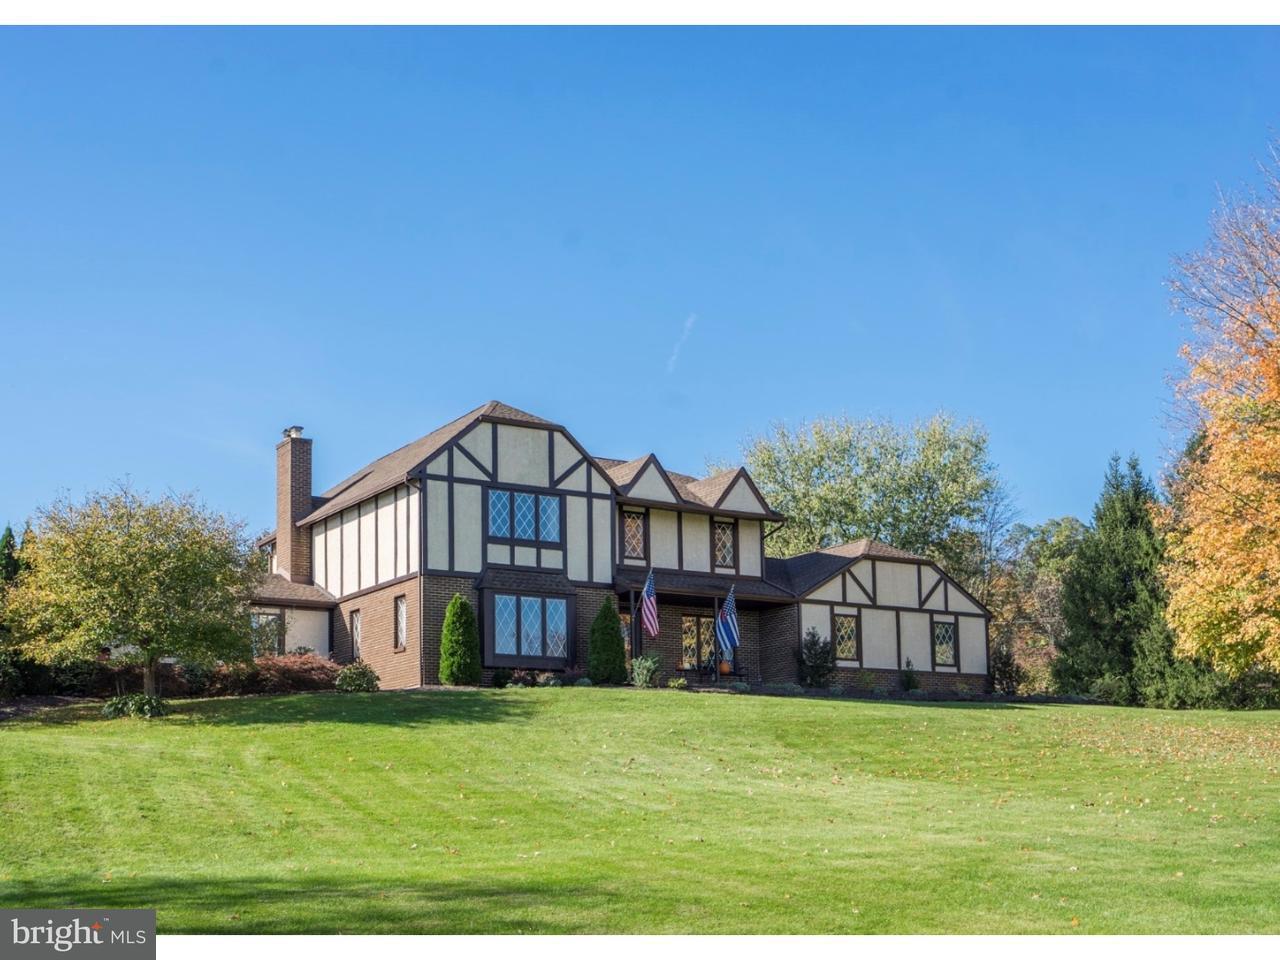 Maison unifamiliale pour l Vente à 205 W BRANCH Road Barto, Pennsylvanie 19504 États-Unis